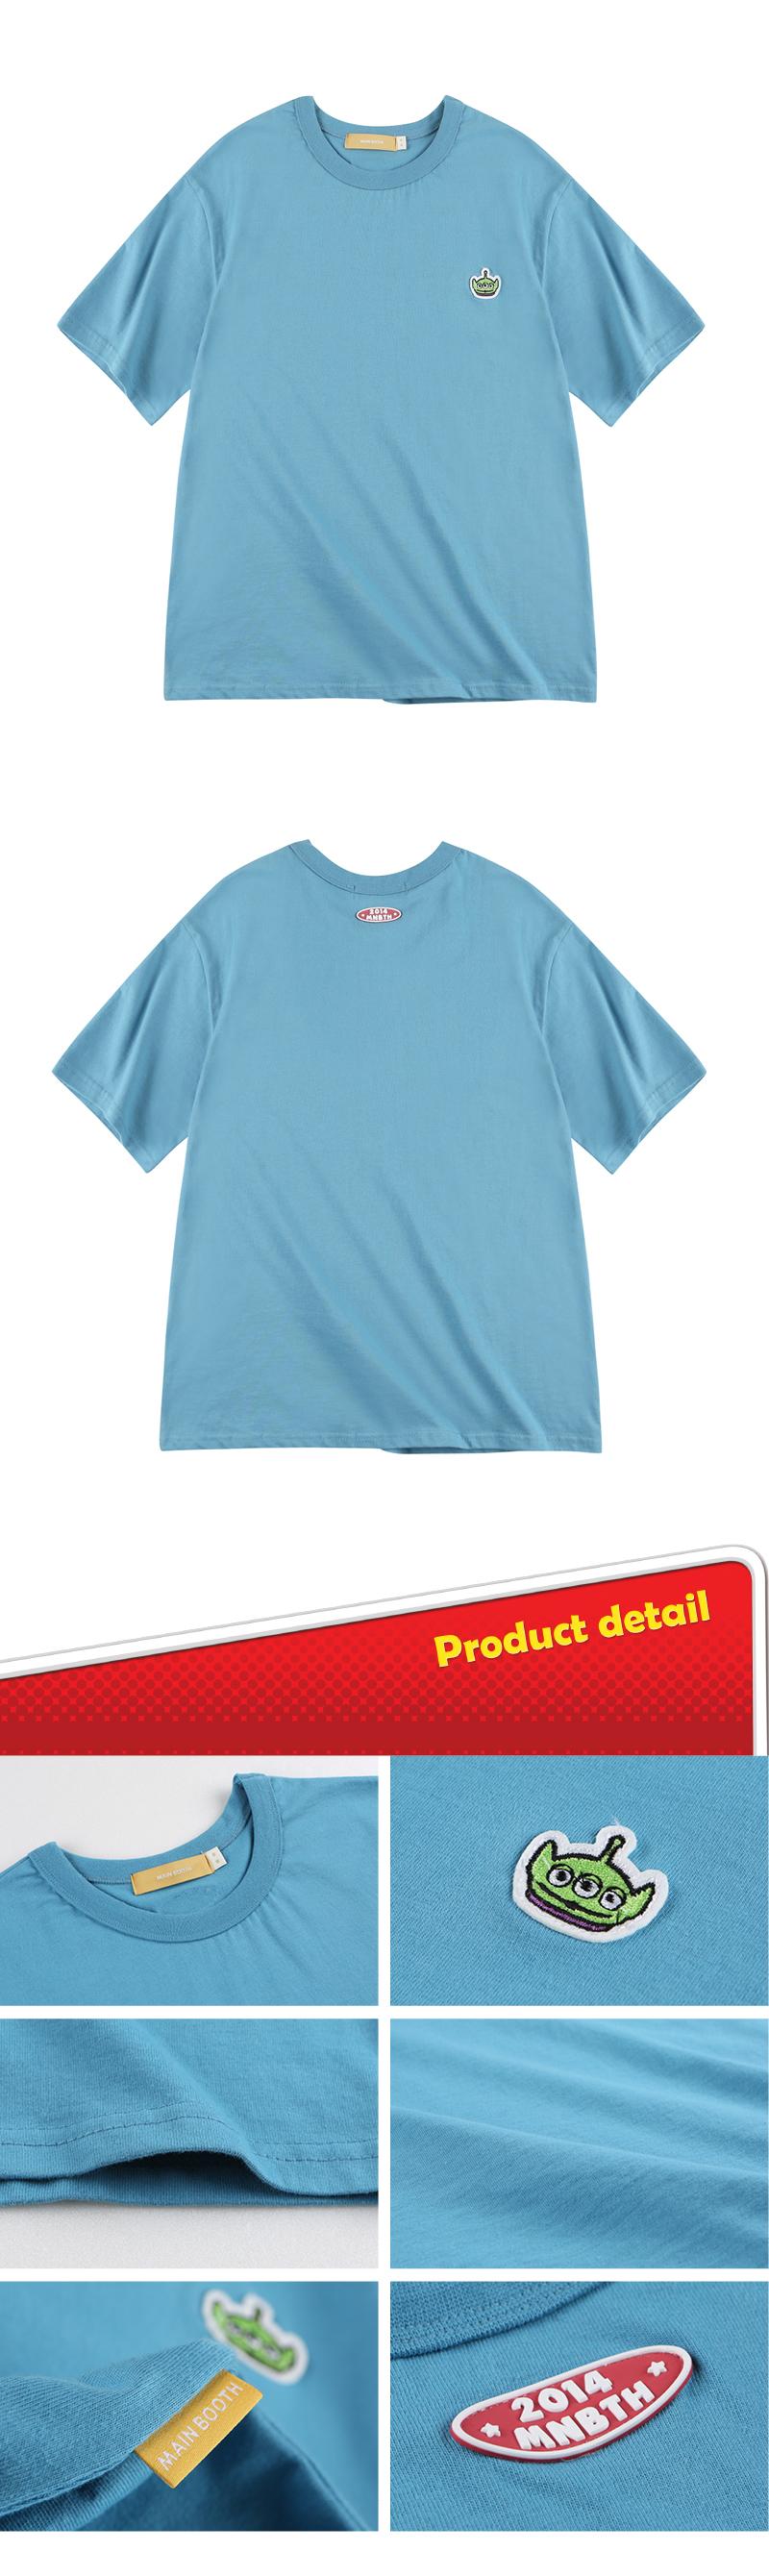 메인부스(MAINBOOTH) Toy Face Basic T-shirt(BLUE)